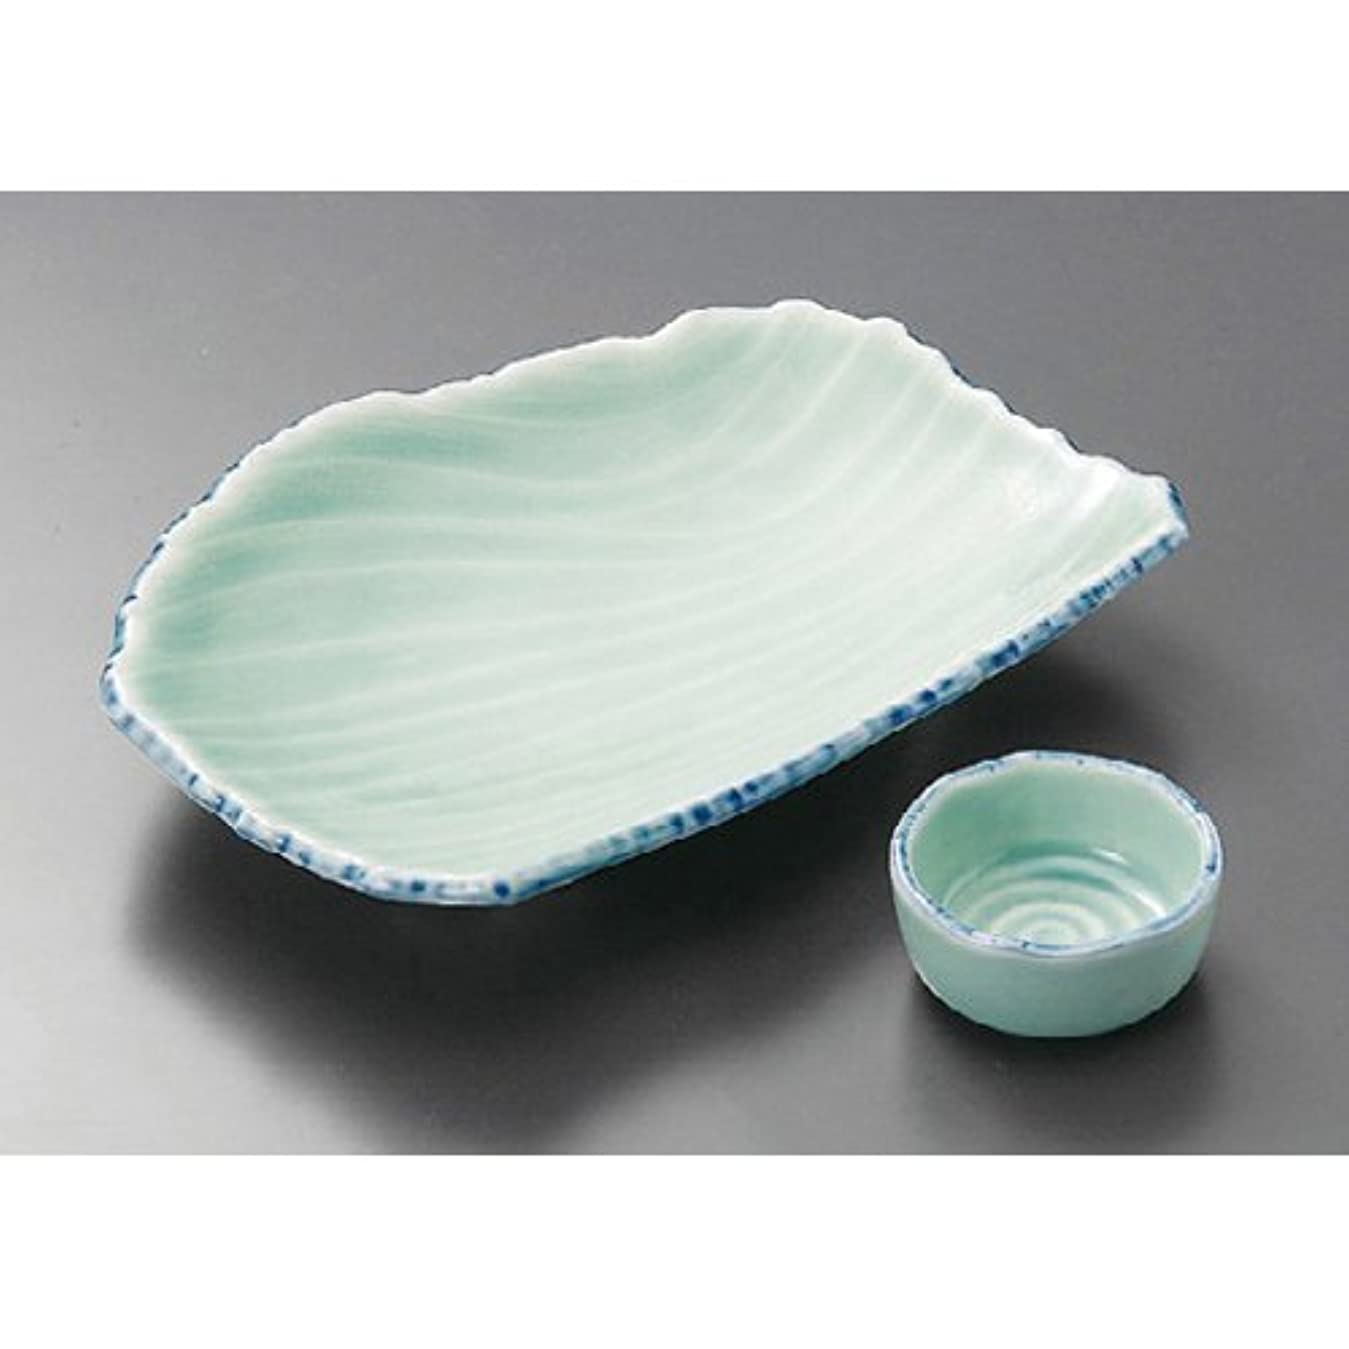 素人イヤホン想定する花あかり 半月皿 小皿 セット 刺身鉢 陶器 美濃焼